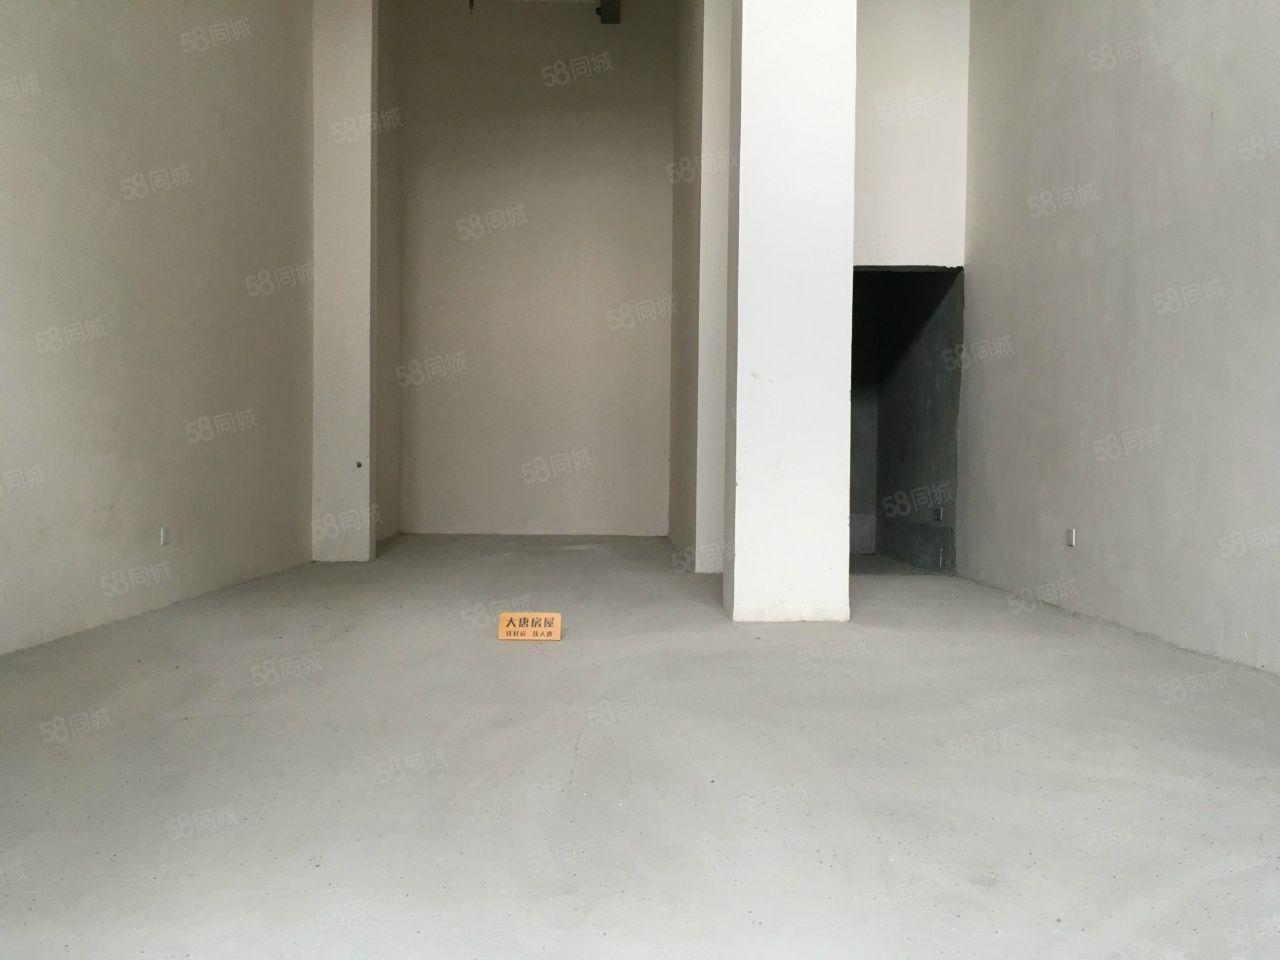 一楼出租60平开间大铺子方正位置好租金实惠